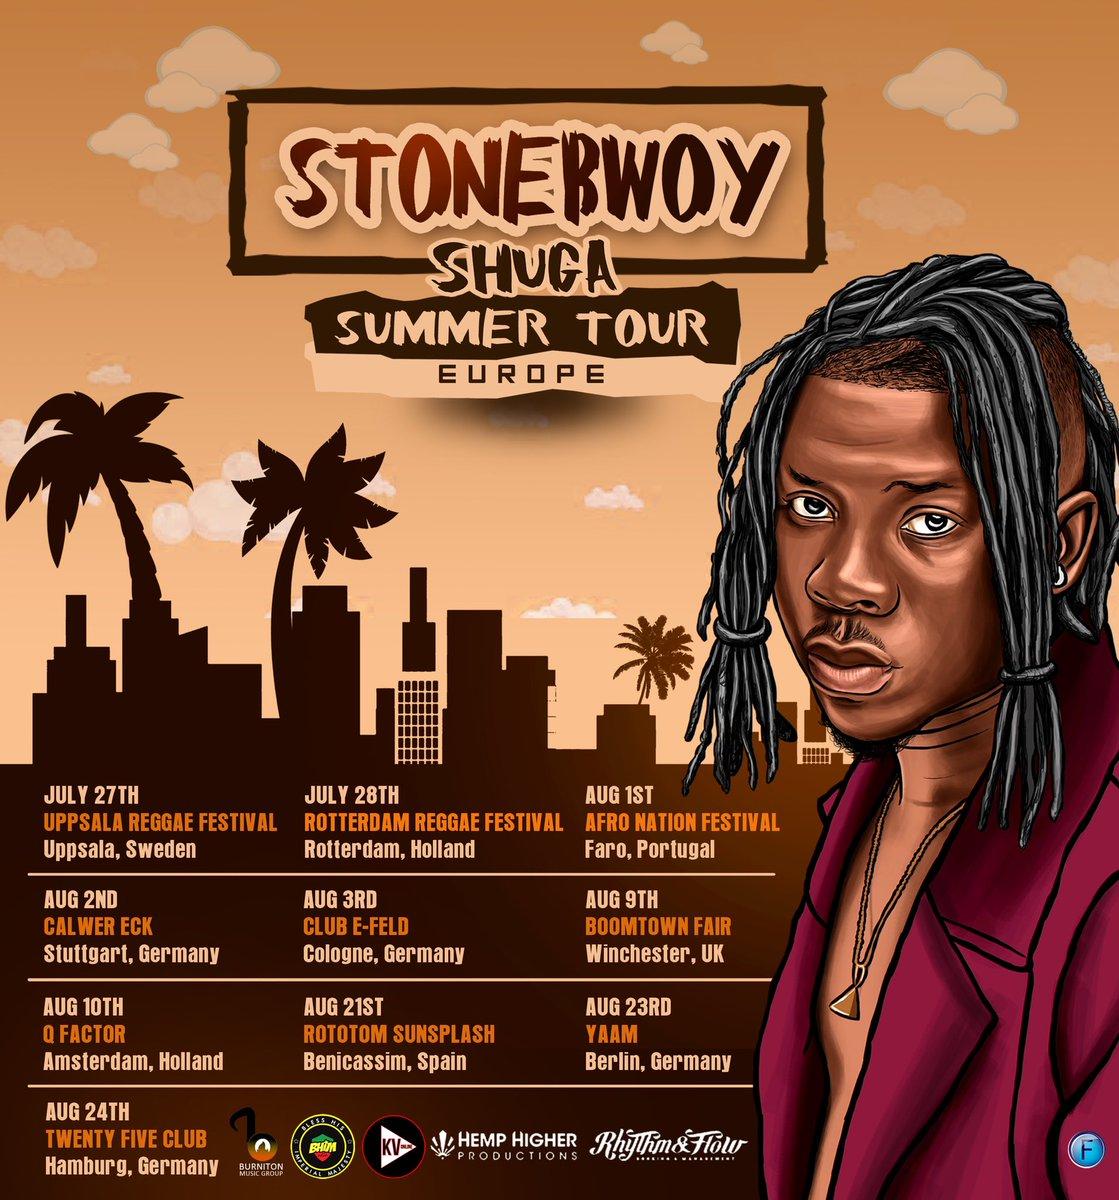 #ShugaEuropeanTour: Stonebwoy announces dates for his Europe tour